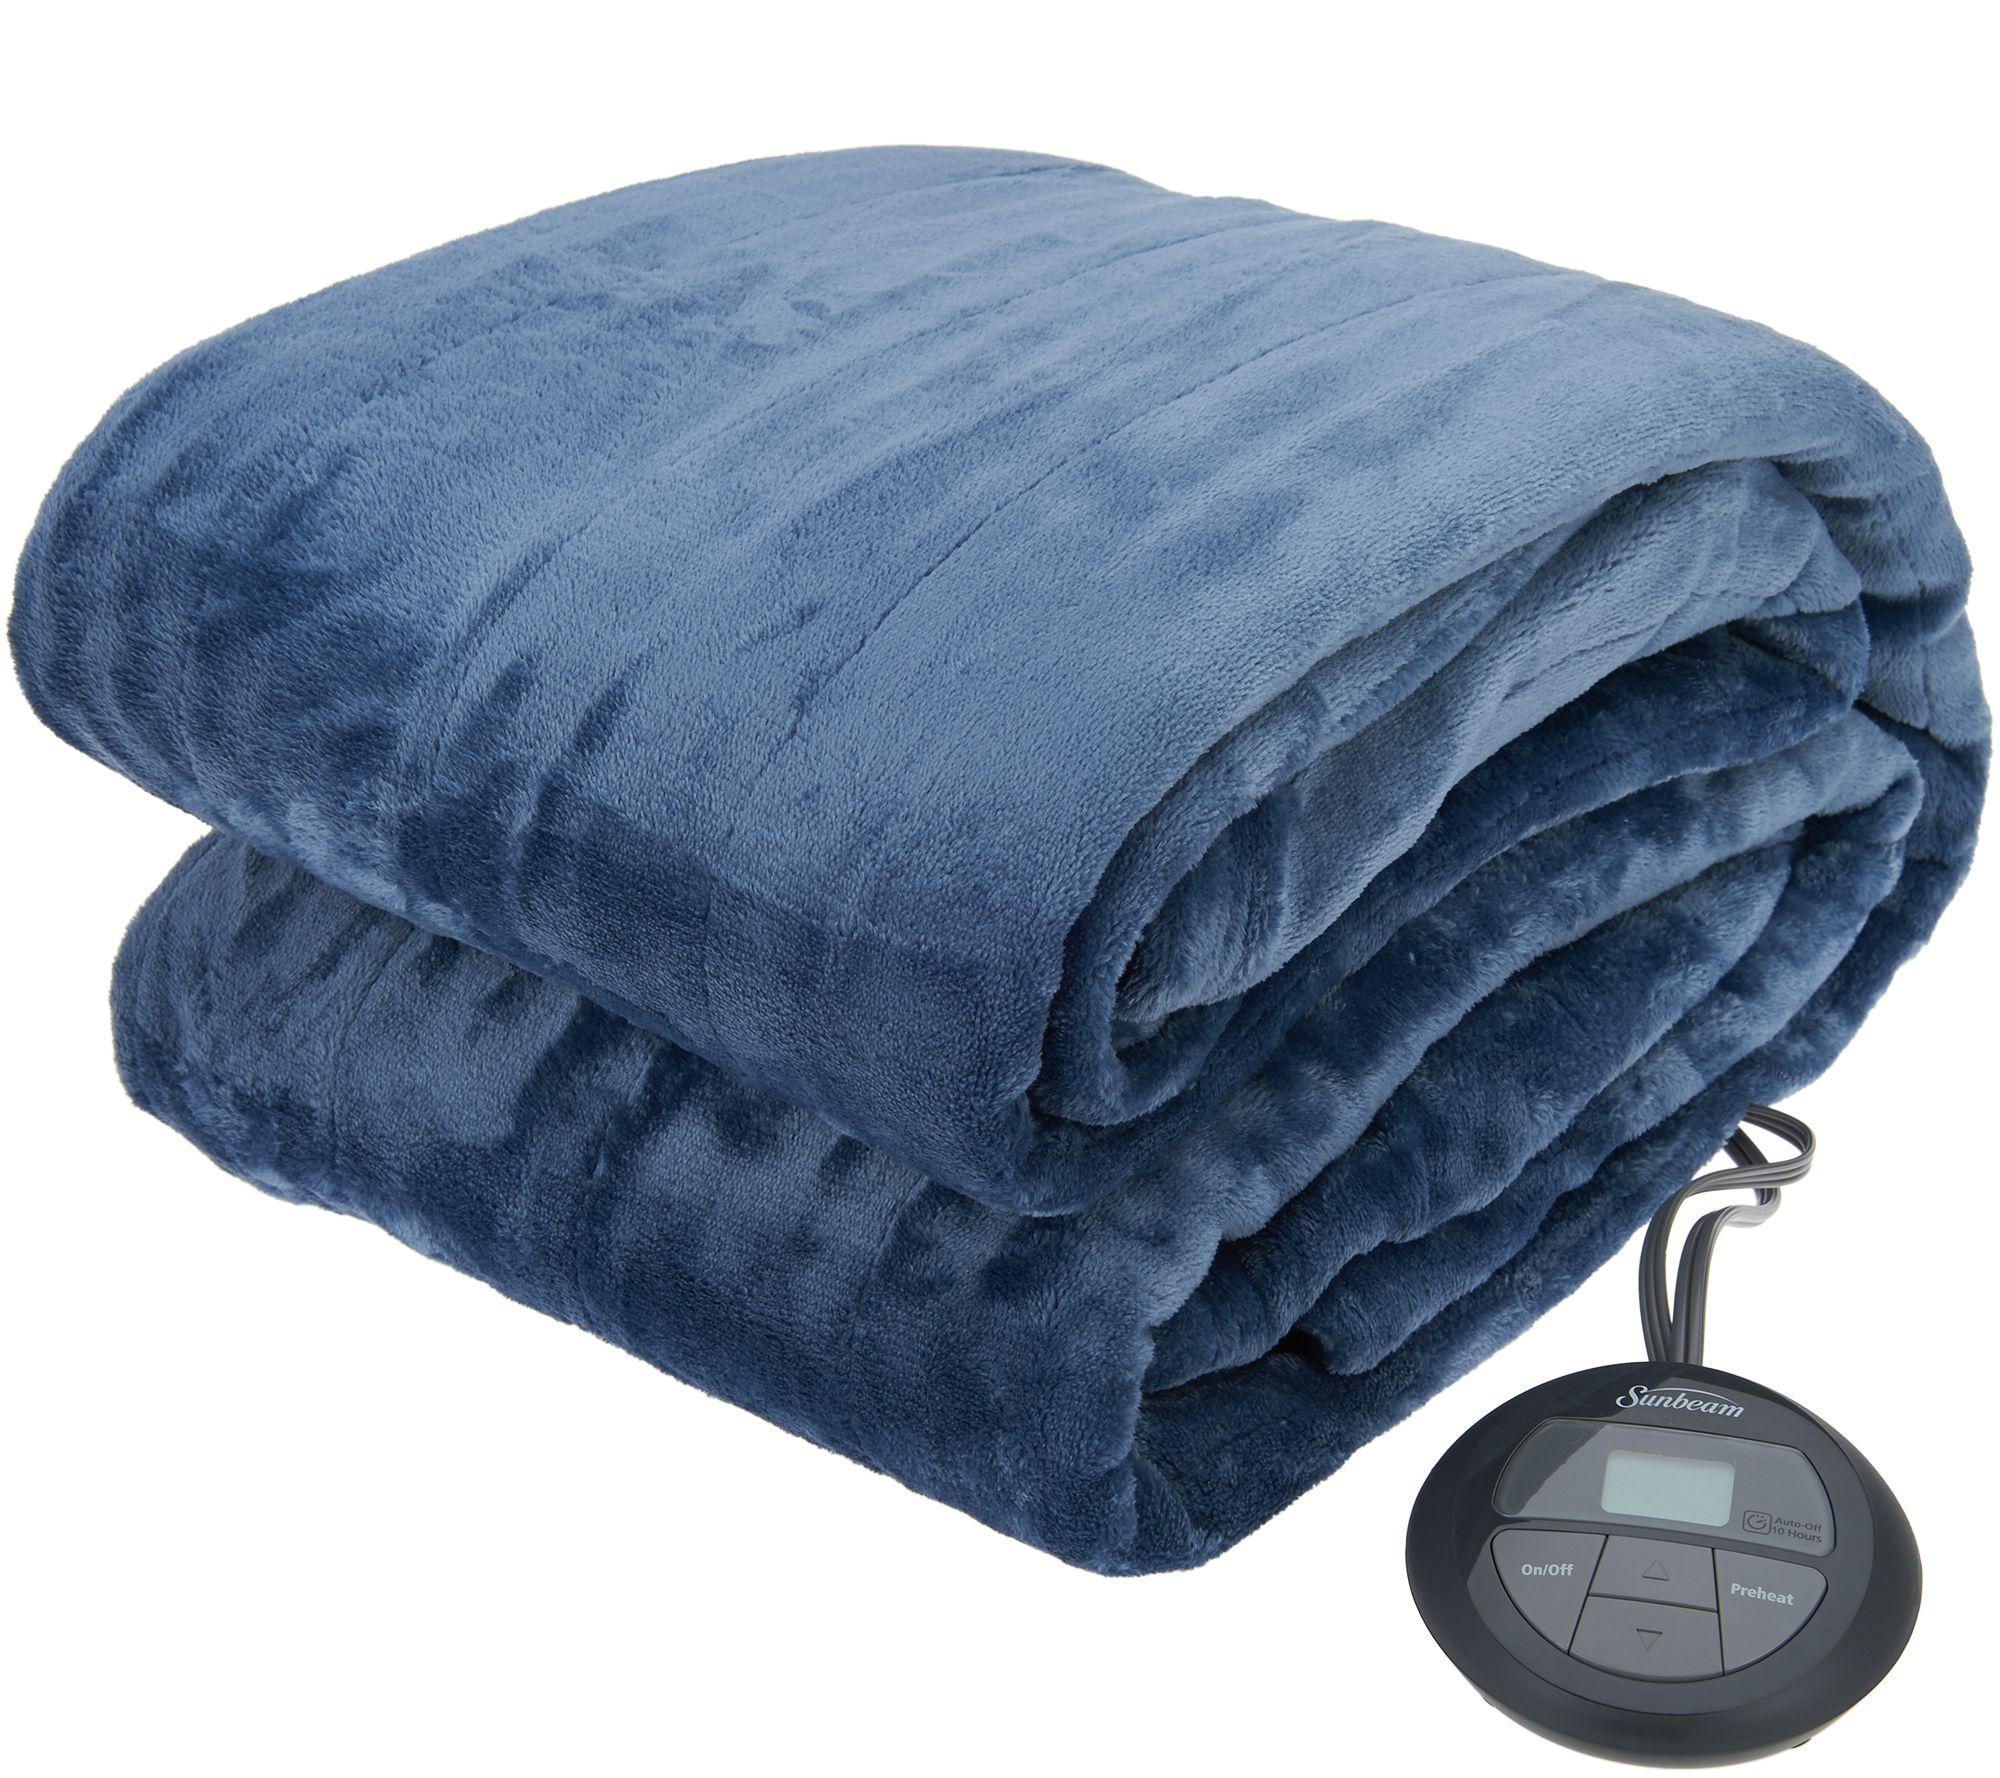 Sunbeam Velvet Plush Heated Blanket — QVC com